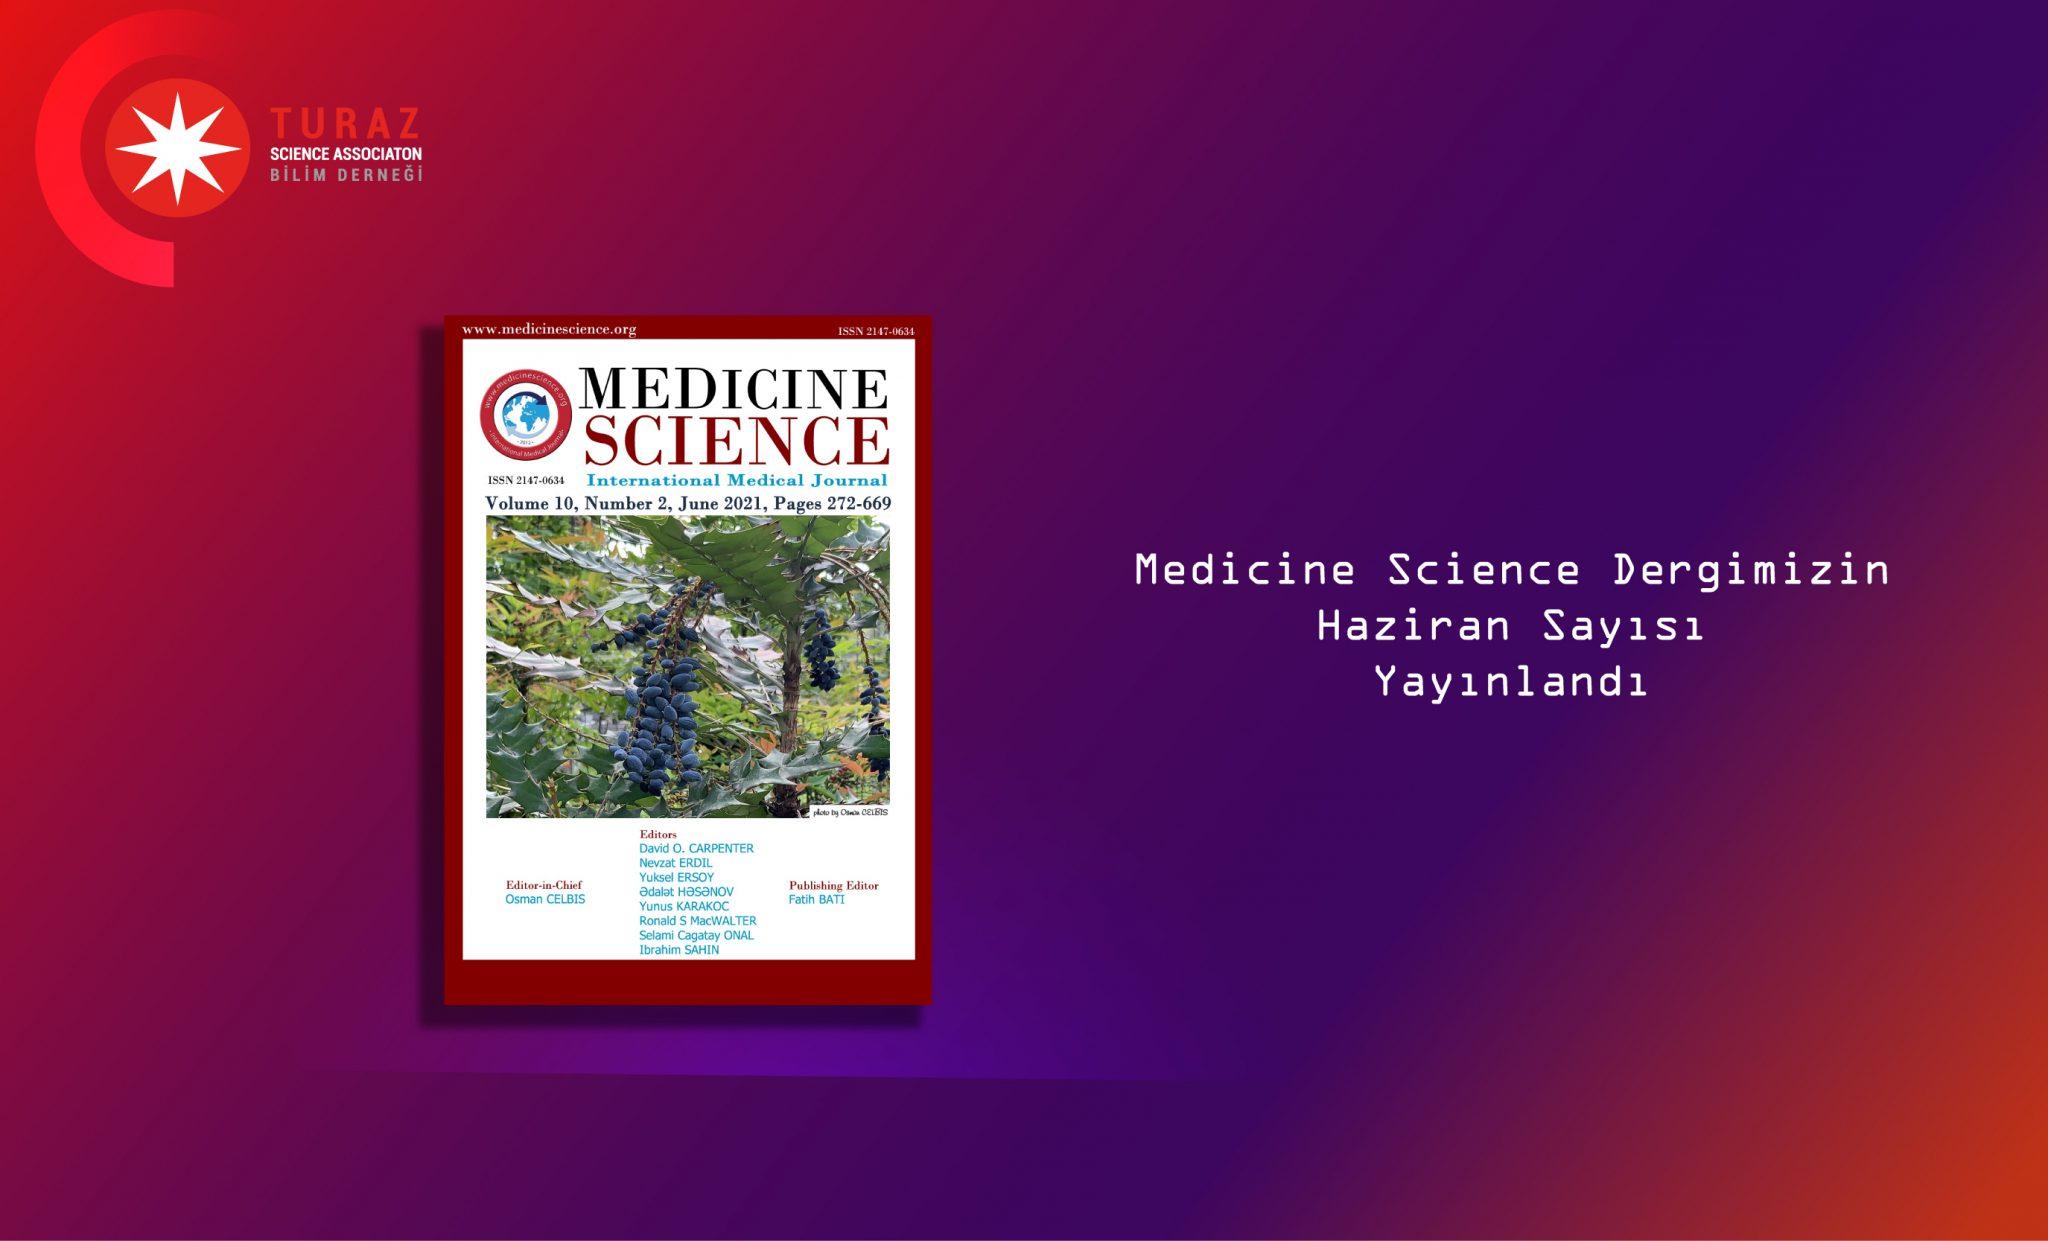 Medicine Science dergimizin haziran sayısı yayınlandı hemen inceleyiniz.